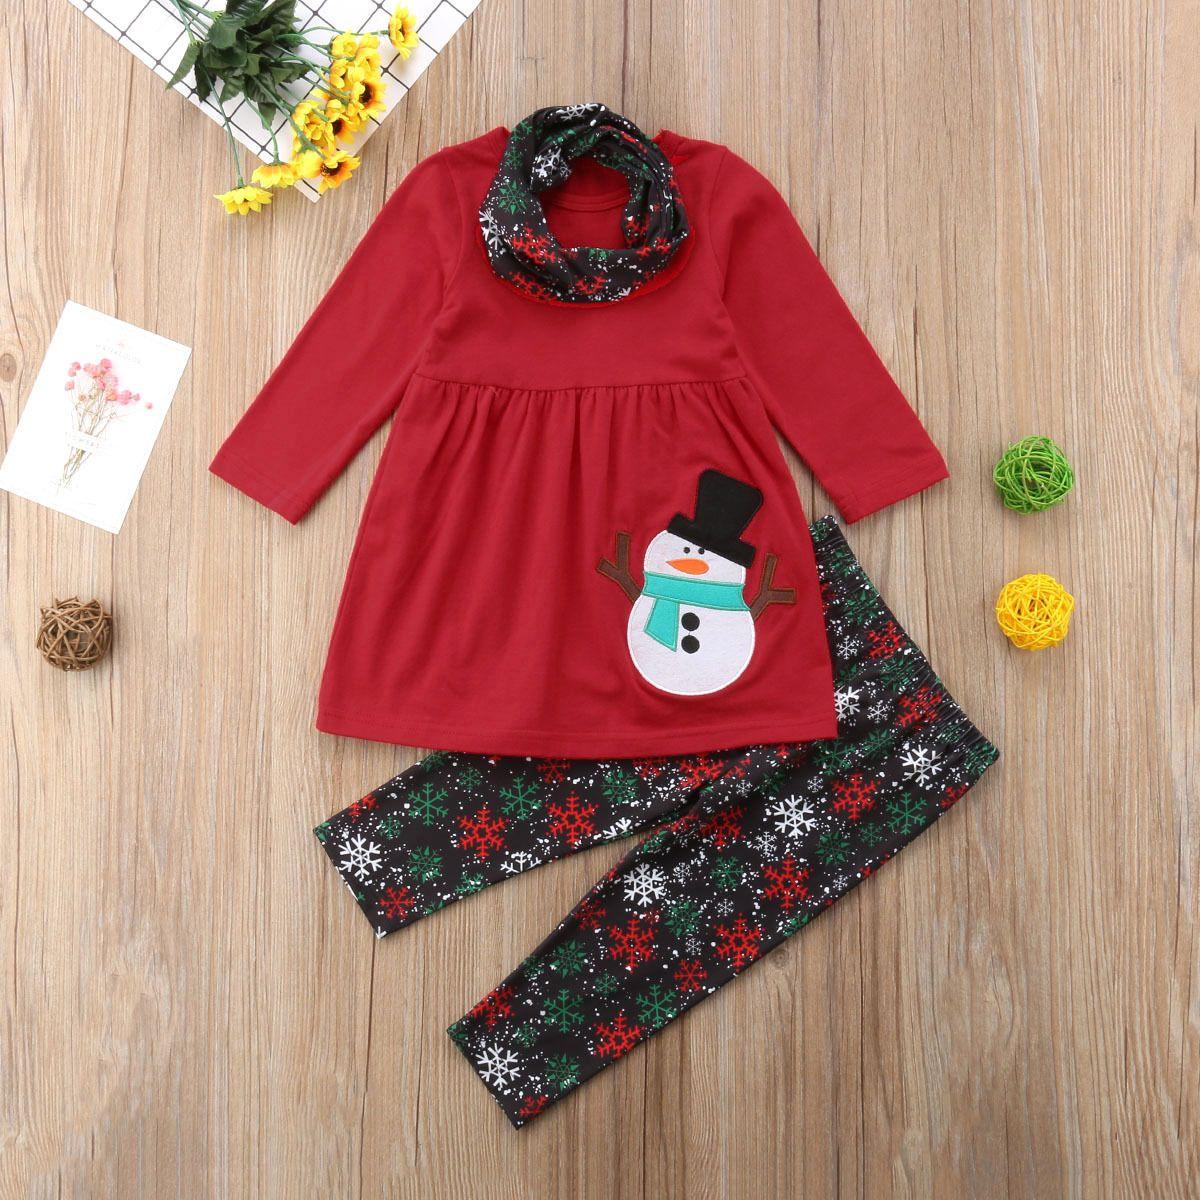 Детская девочка одежда для одежды Рождественские наряды 3 шт. Шарф наборы девочек Девушки Санты Клаус платье со снежинками штаны 1-6Y